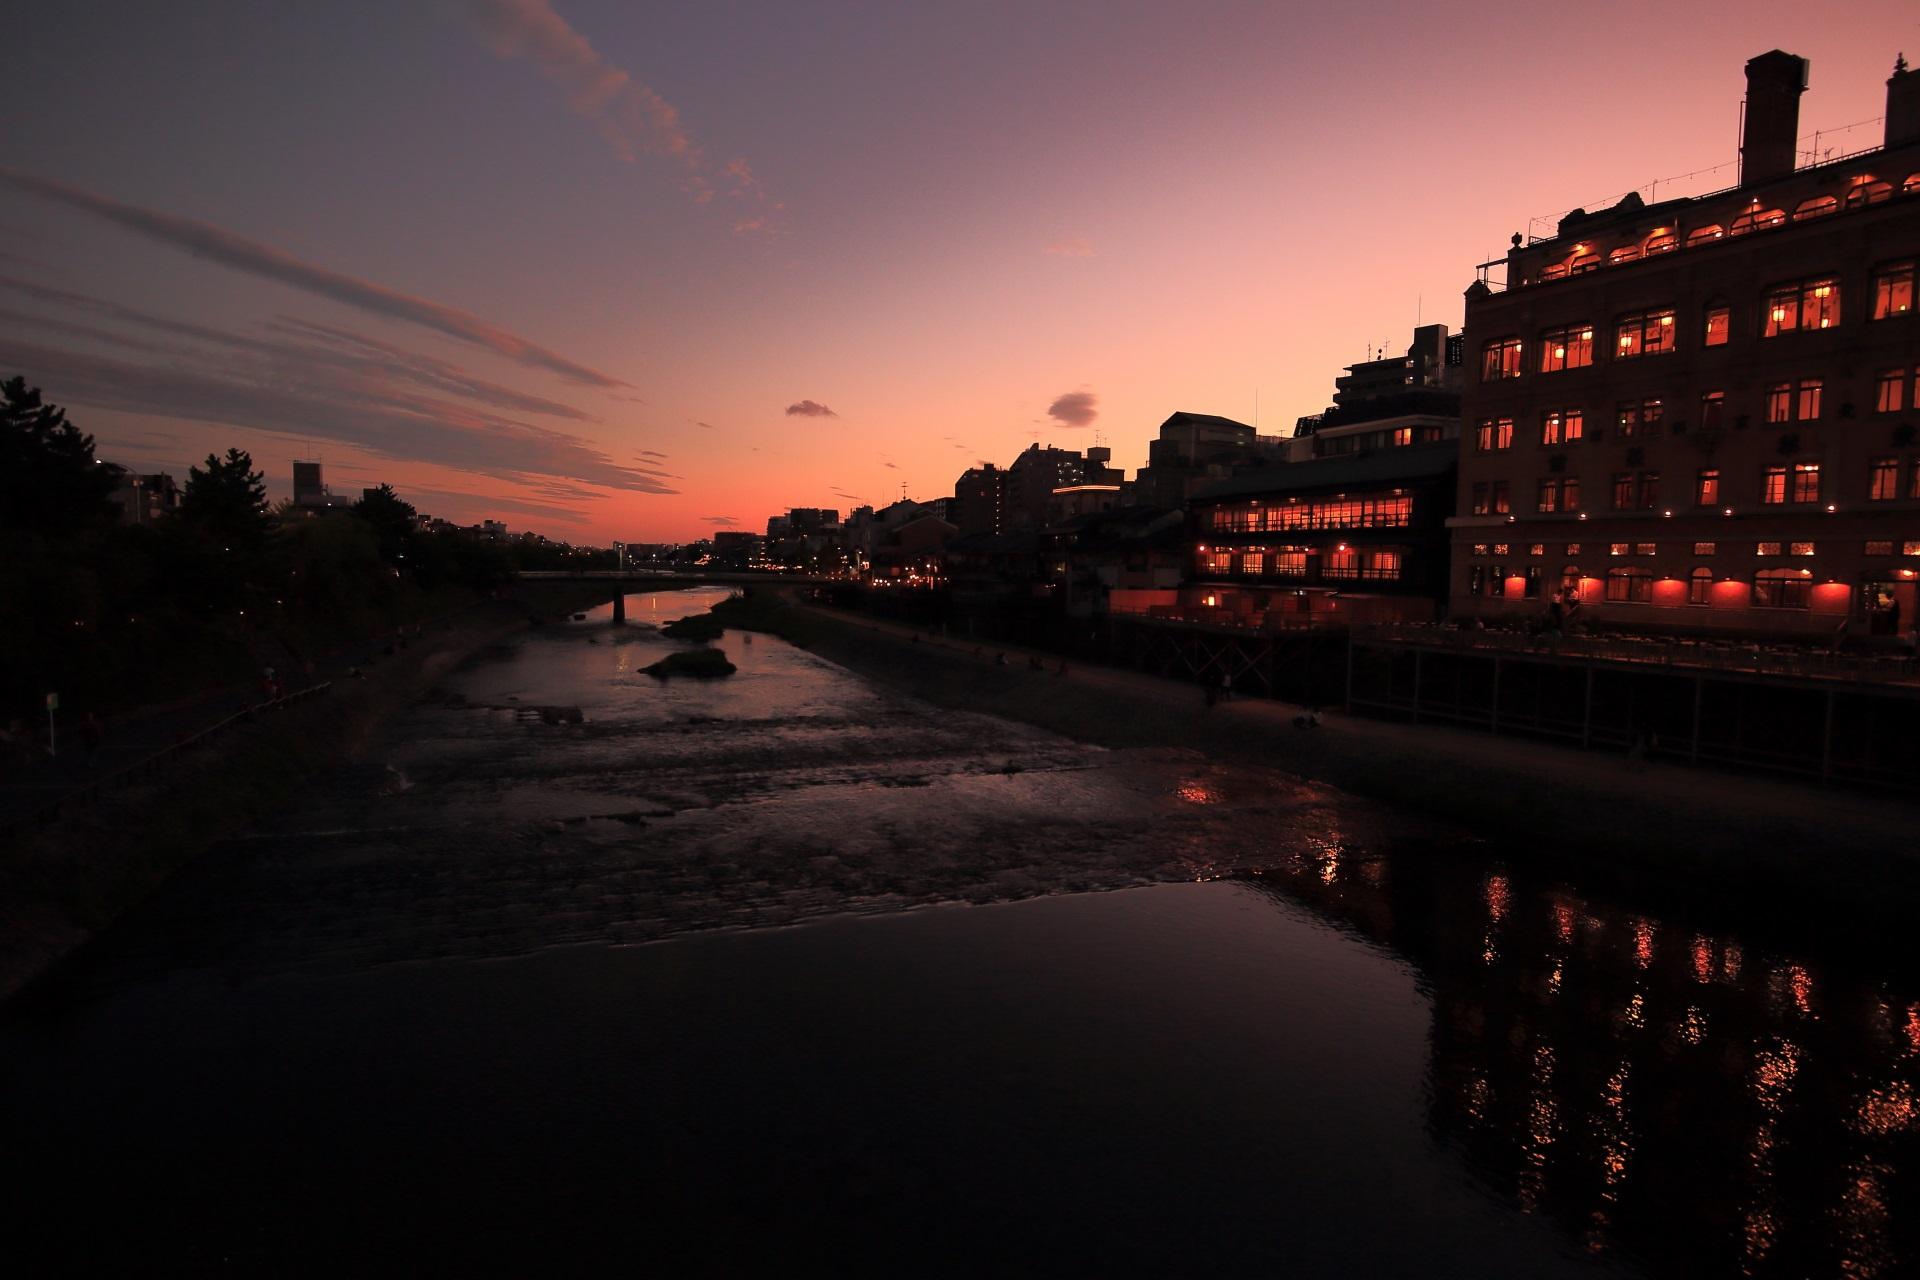 レトロな東華菜館と鴨川の淡い夕焼け